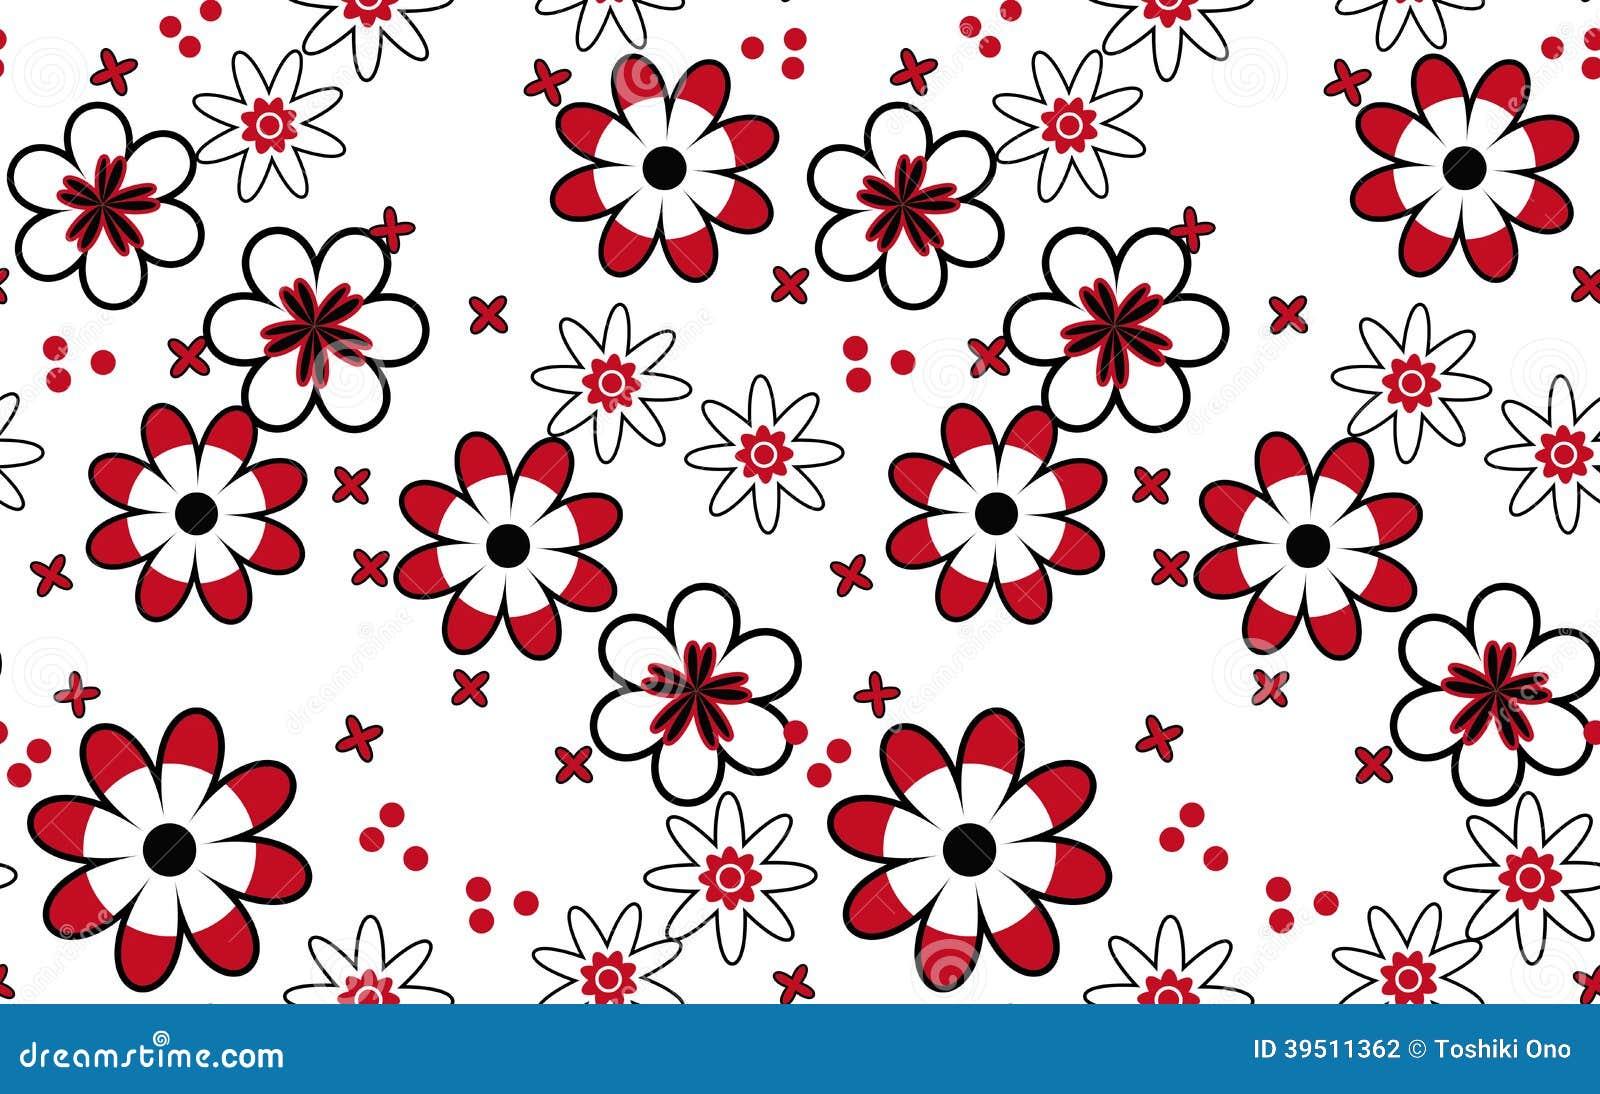 Pattern of flowers.